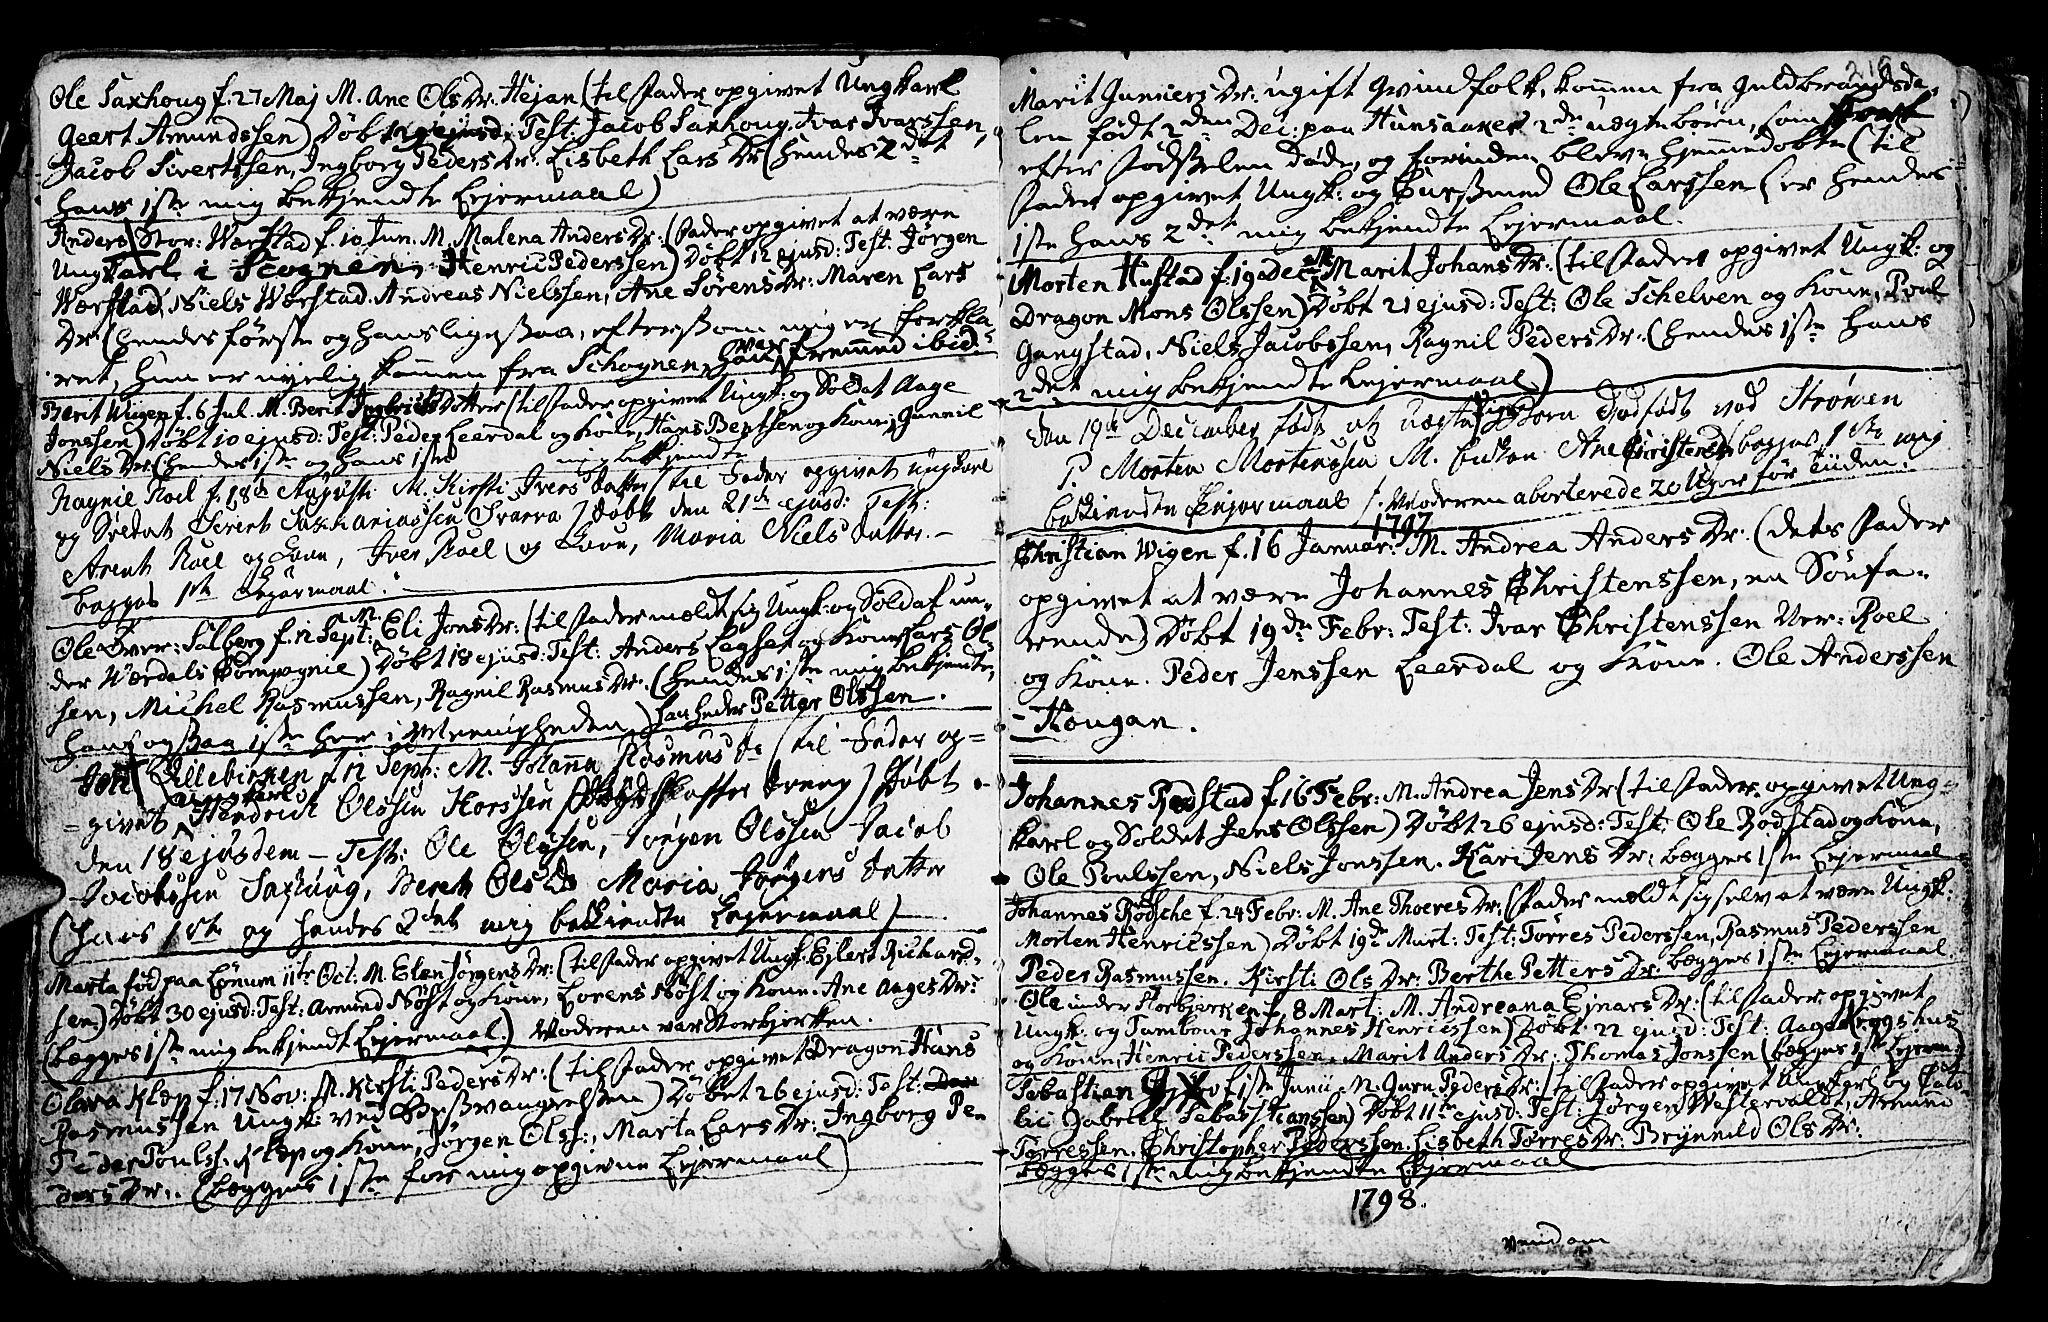 SAT, Ministerialprotokoller, klokkerbøker og fødselsregistre - Nord-Trøndelag, 730/L0273: Ministerialbok nr. 730A02, 1762-1802, s. 219